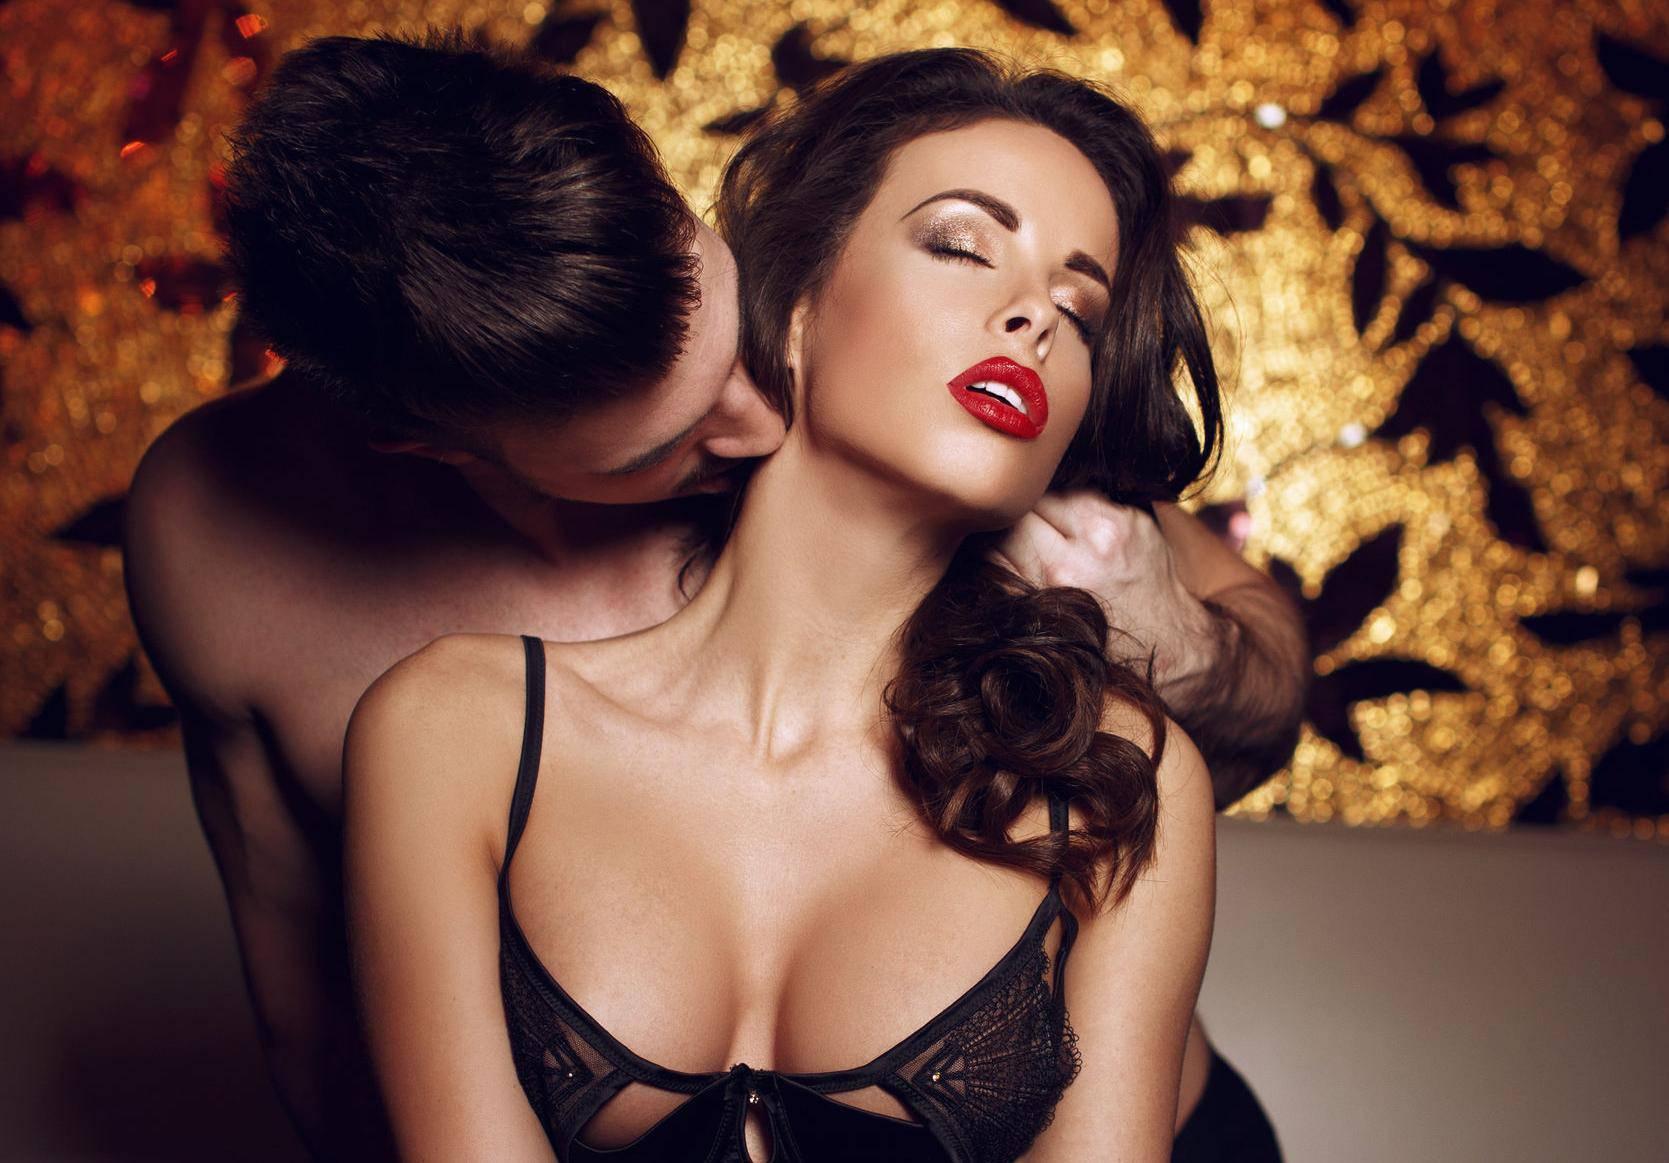 Erotska sanjarica: Seks snovi otkrivaju vaše najveće tajne